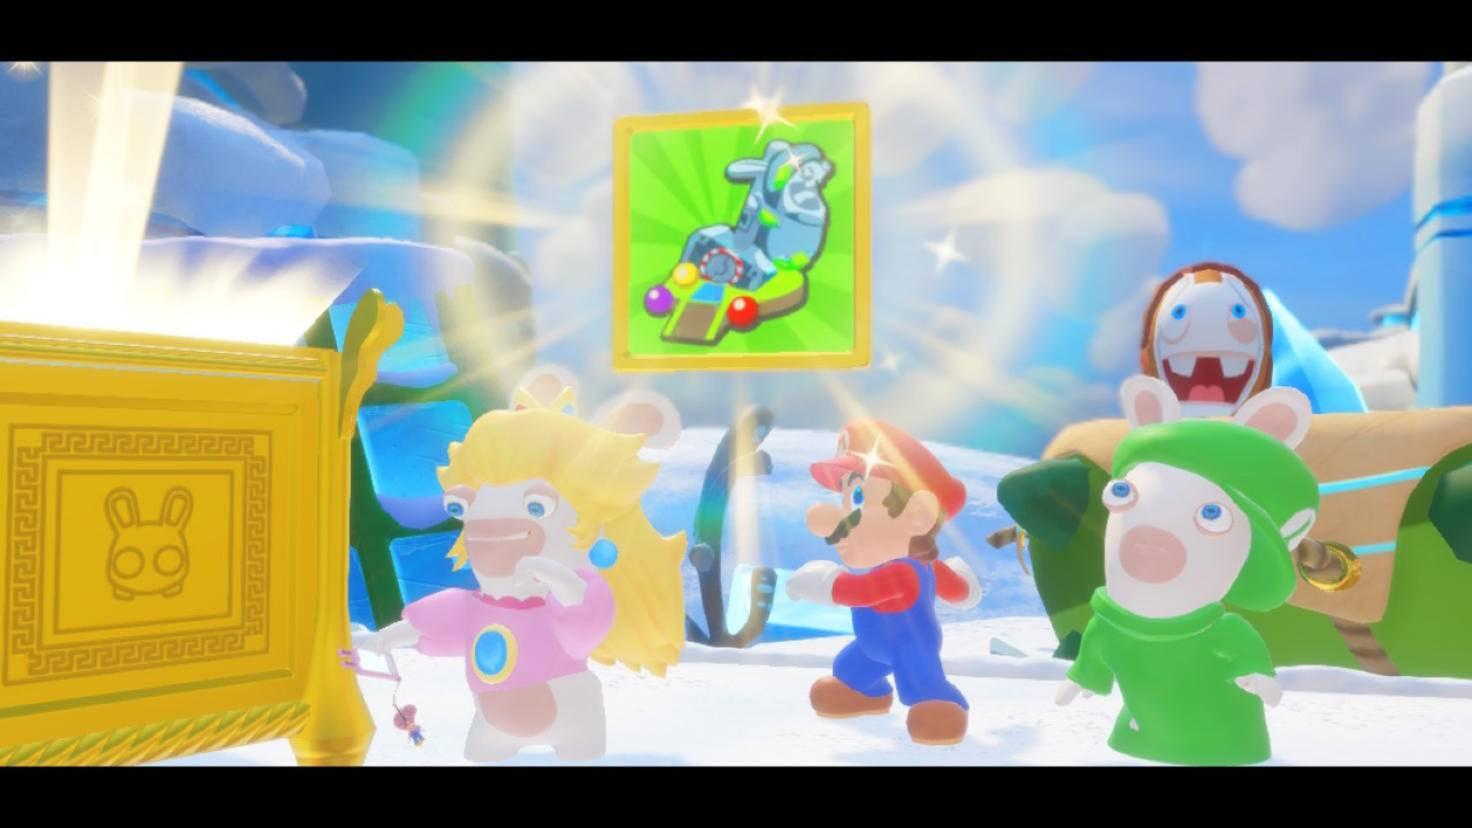 ... während die Mario-Truppe auf ihrer Reise Schätze findet und ...